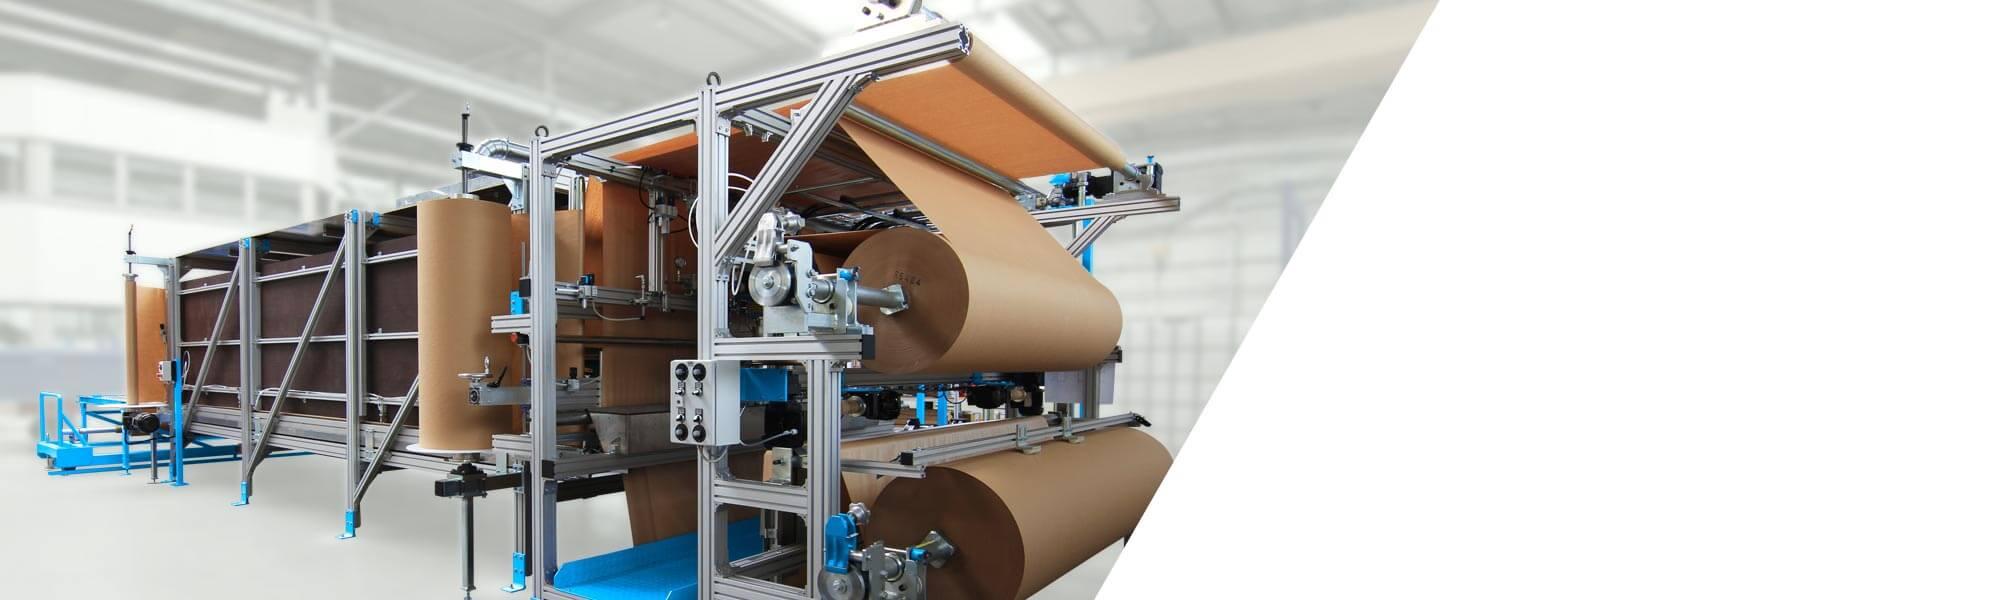 슬랩스탁 발포의 연속 생산을 위한 울트라-컴팩트 설비